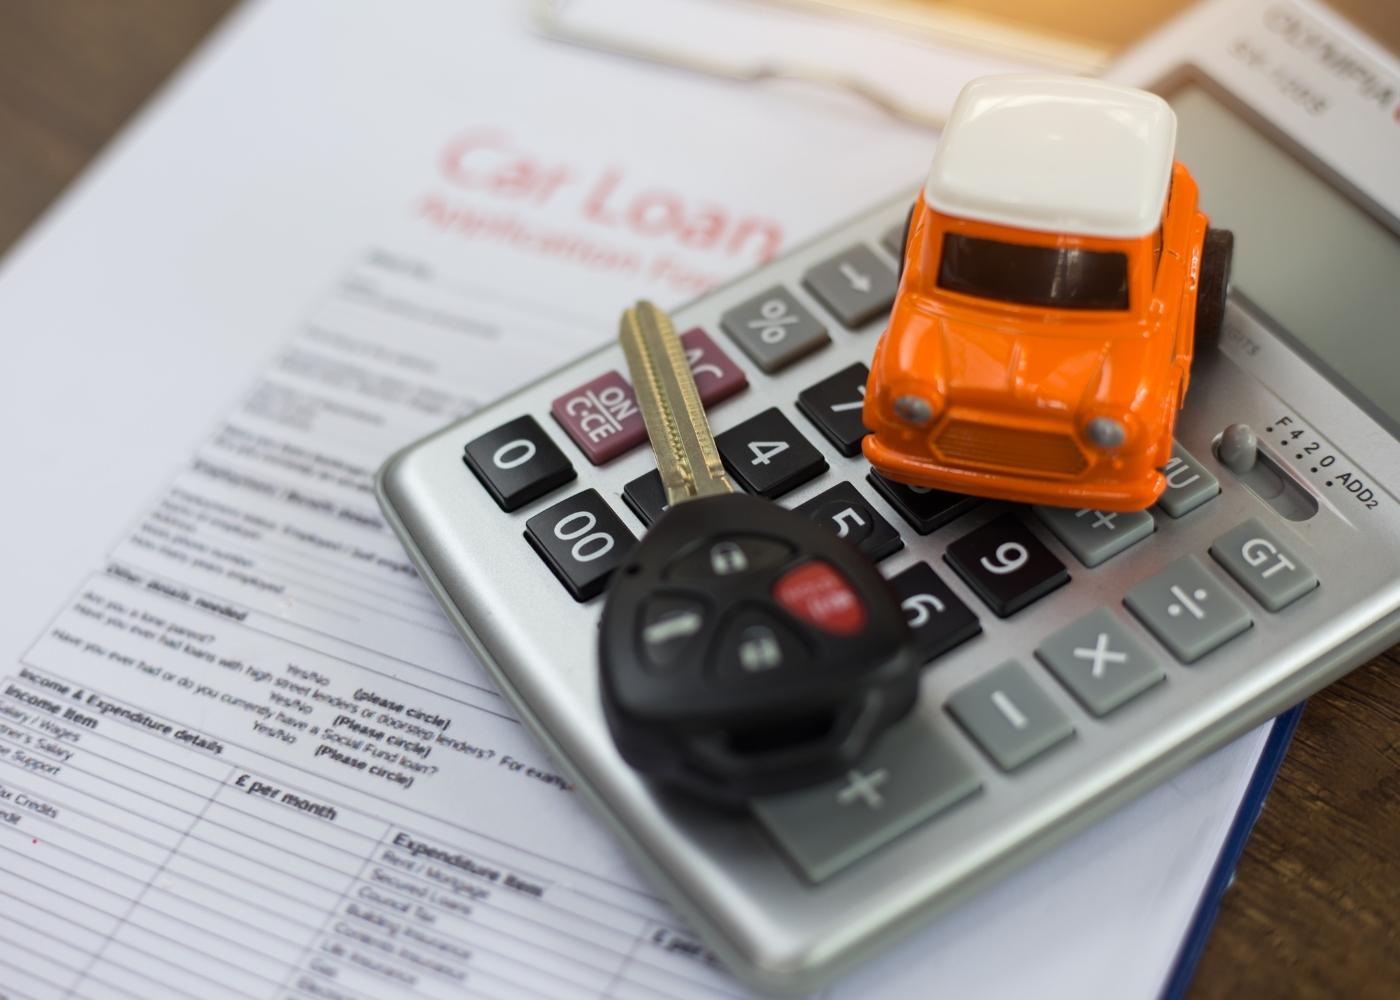 calculadora, carro e chave em cima de papéis